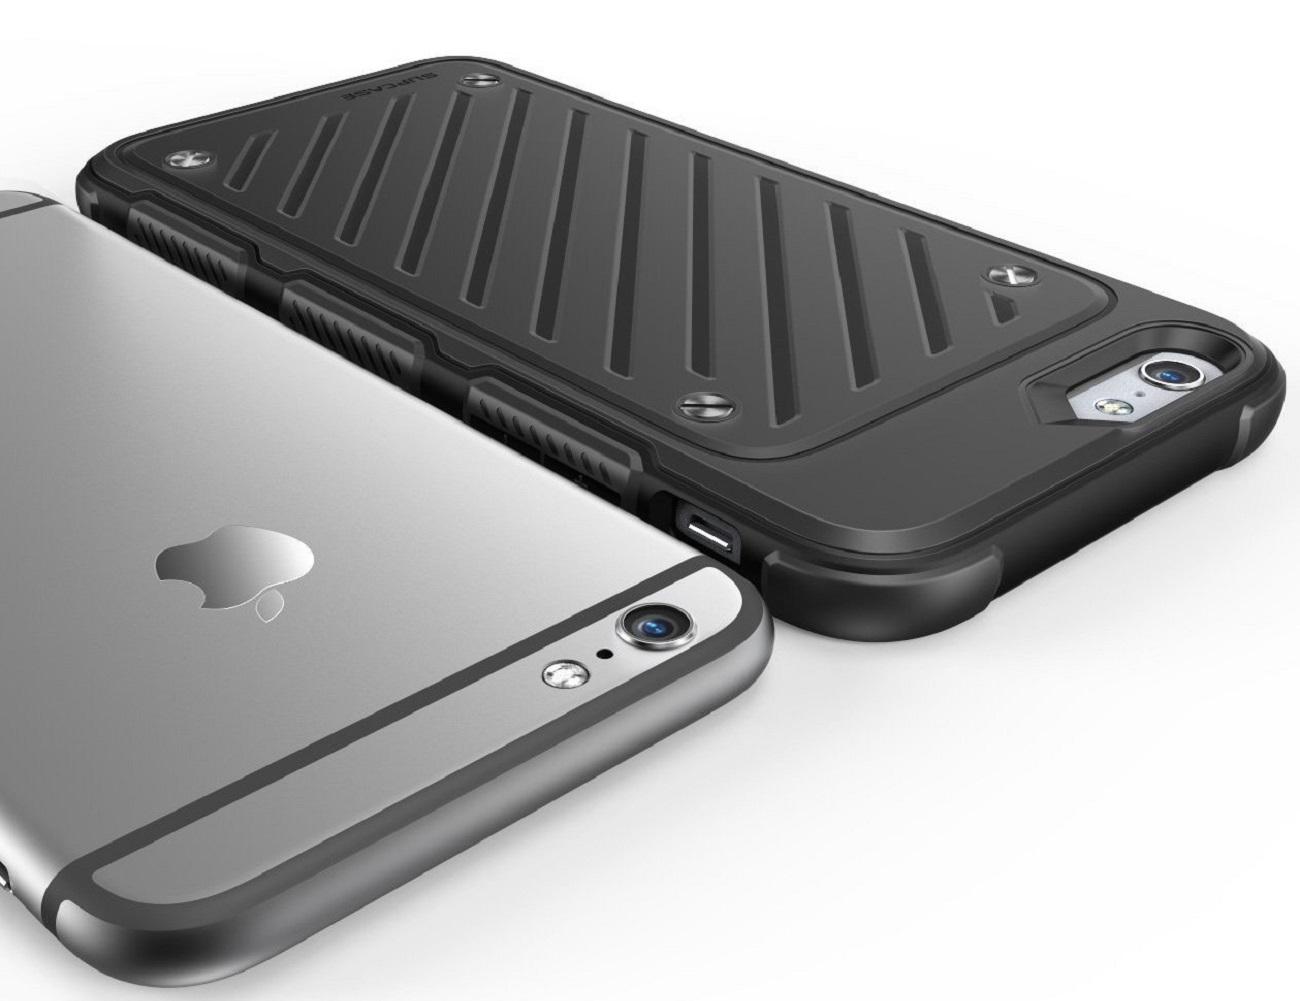 Supcase iPhone 6/6s Case